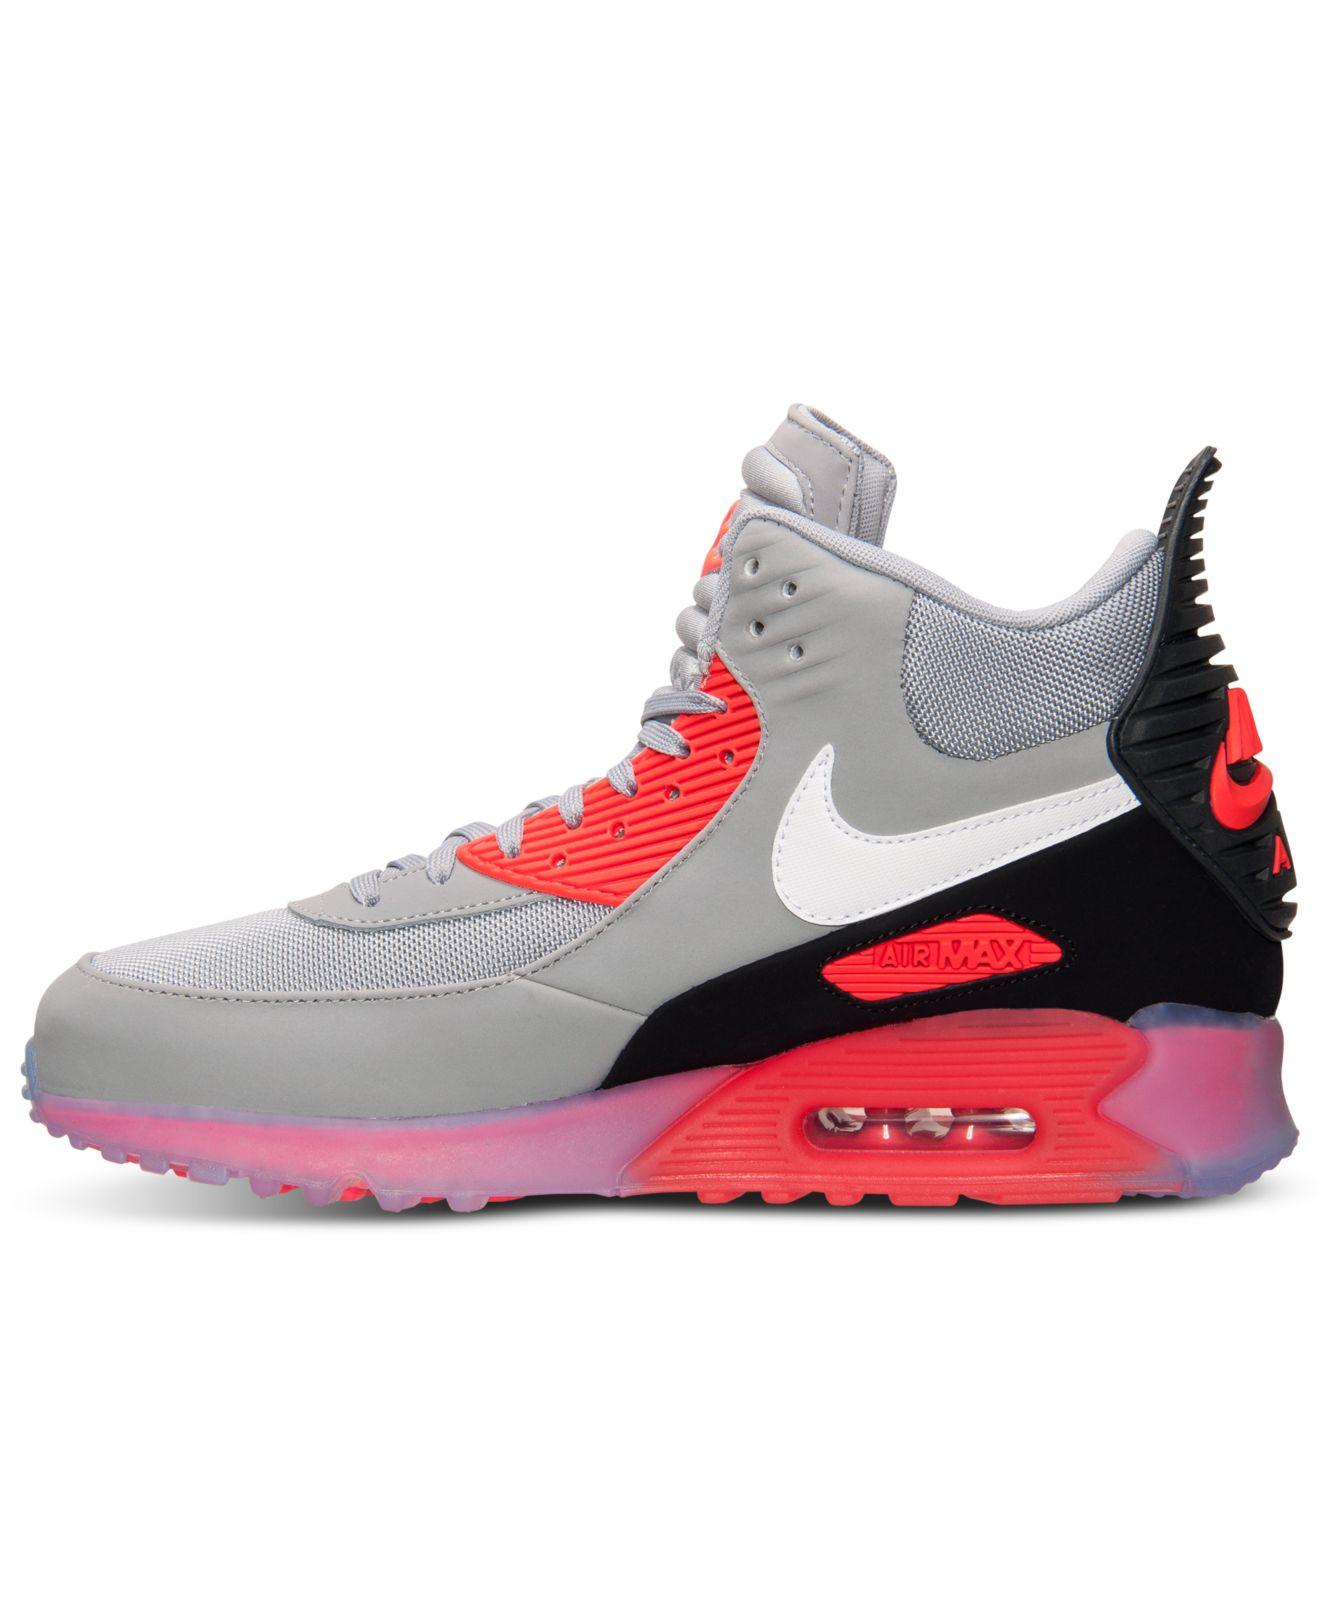 nike air max 1, Nike Air Max 90 Boots Black Red,nike air max